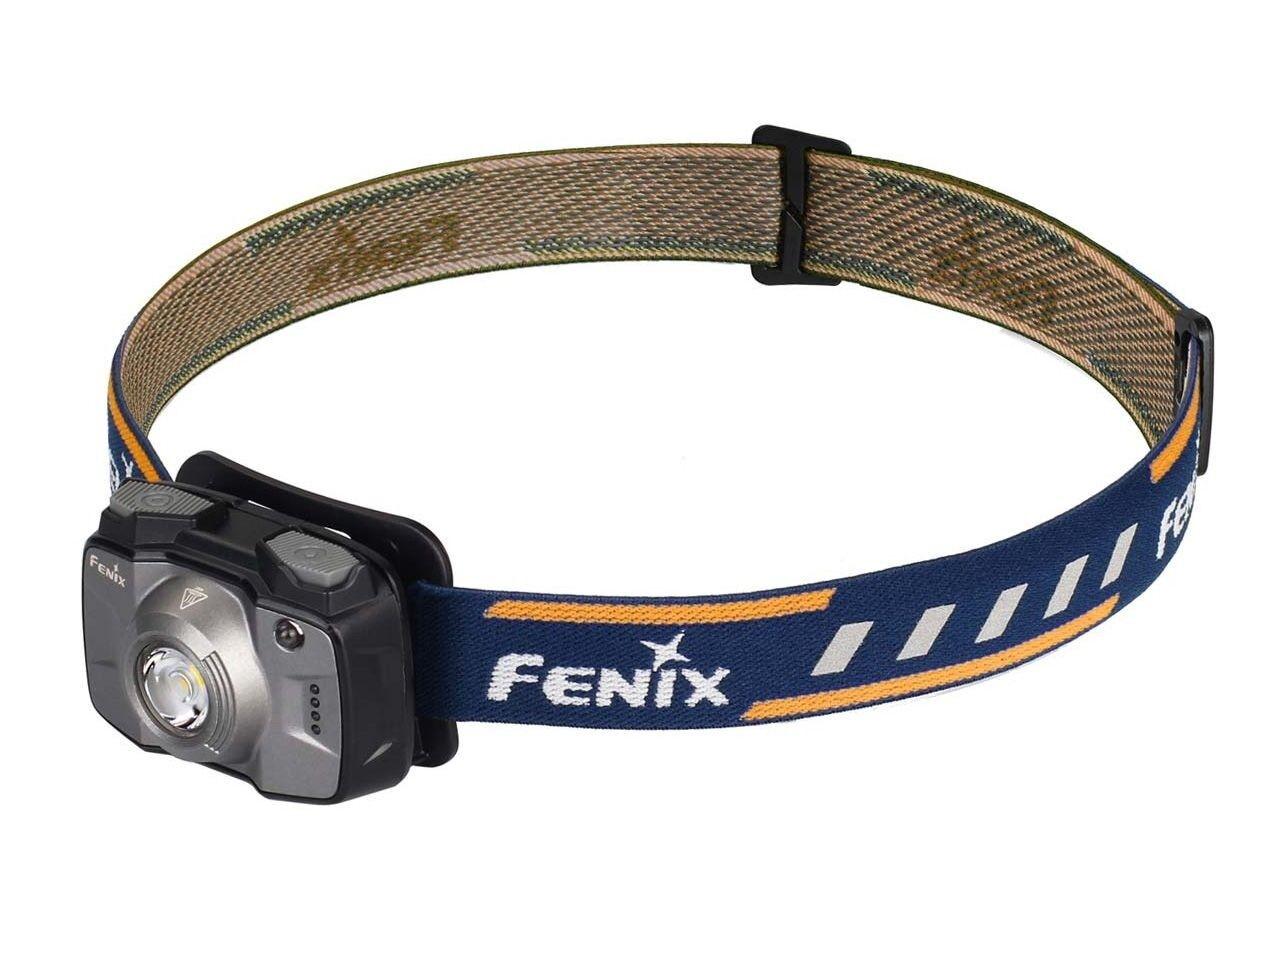 Fenix HL32R Stirnlampe grey 09FN228 Jogger Lampe USB-Lademöglichkeit 400 Lumen